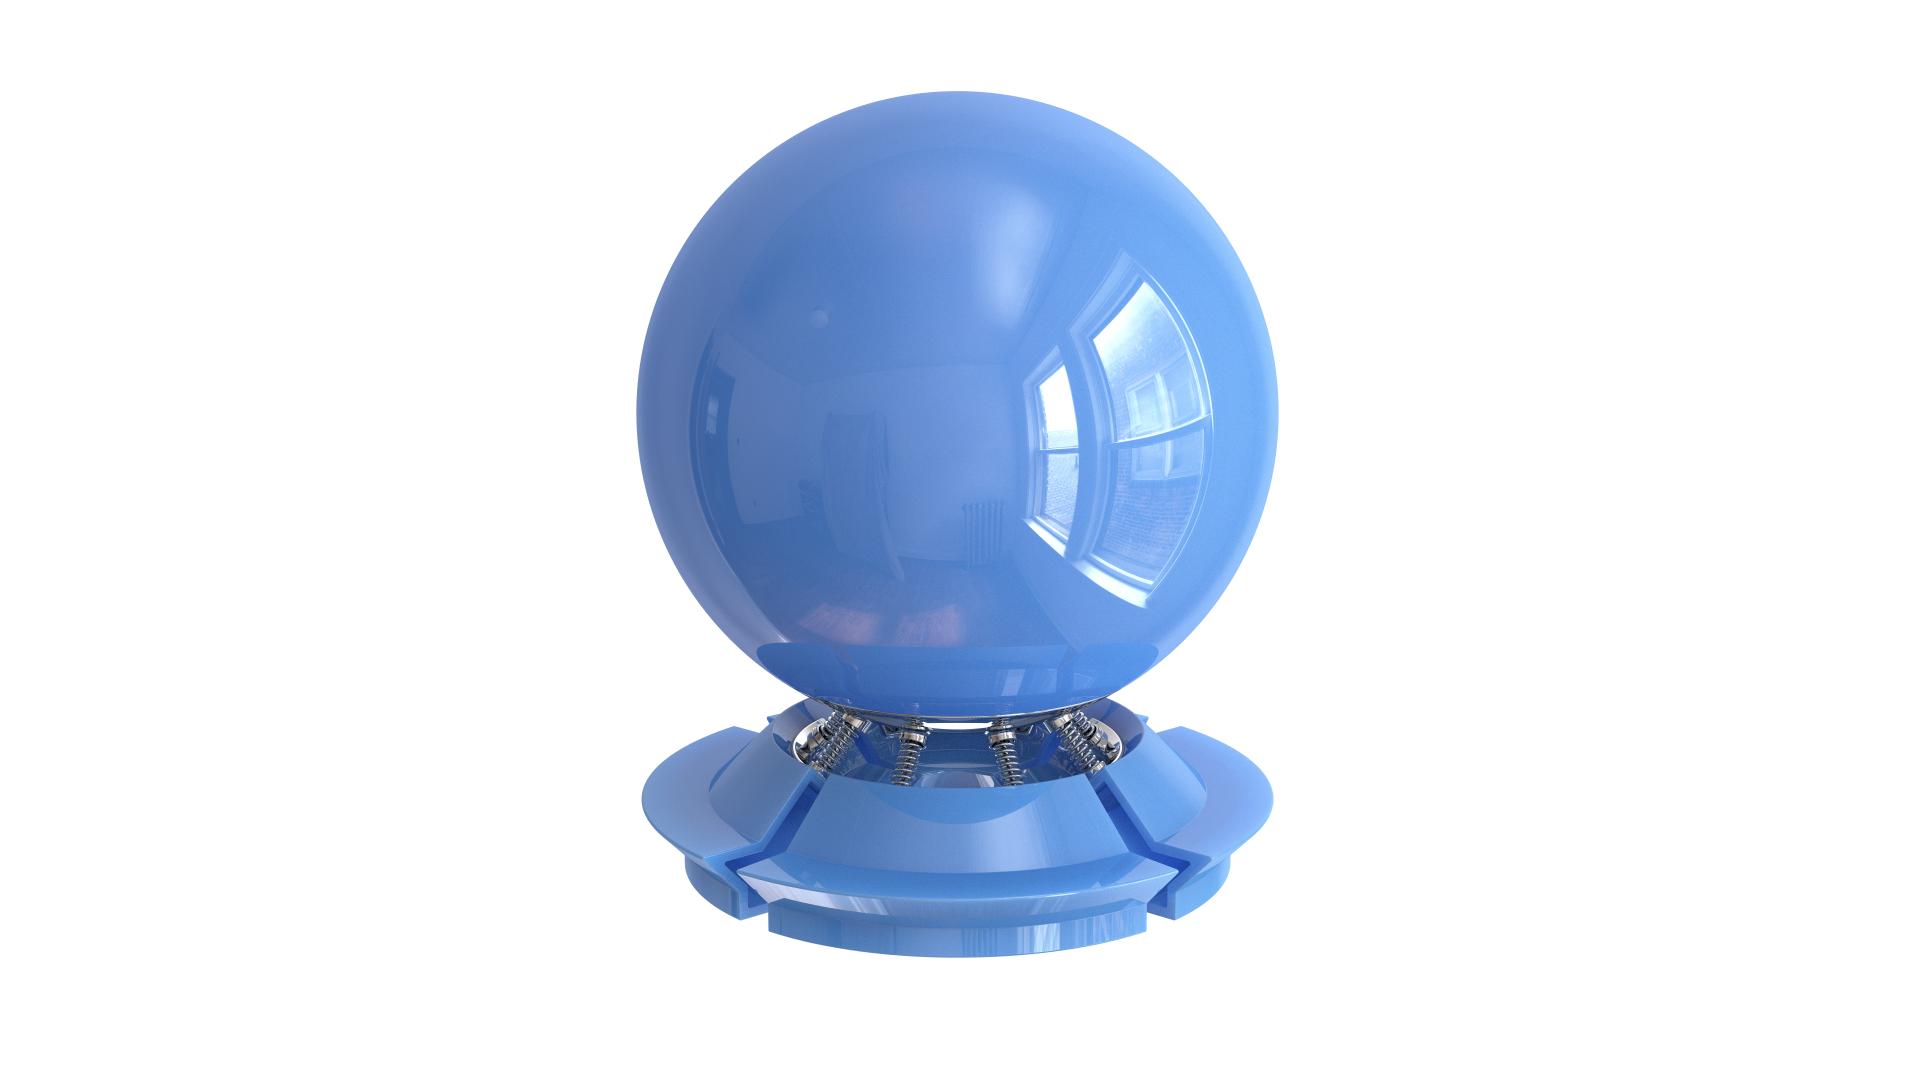 Shiny Blue Plastic Flyingarchitecture